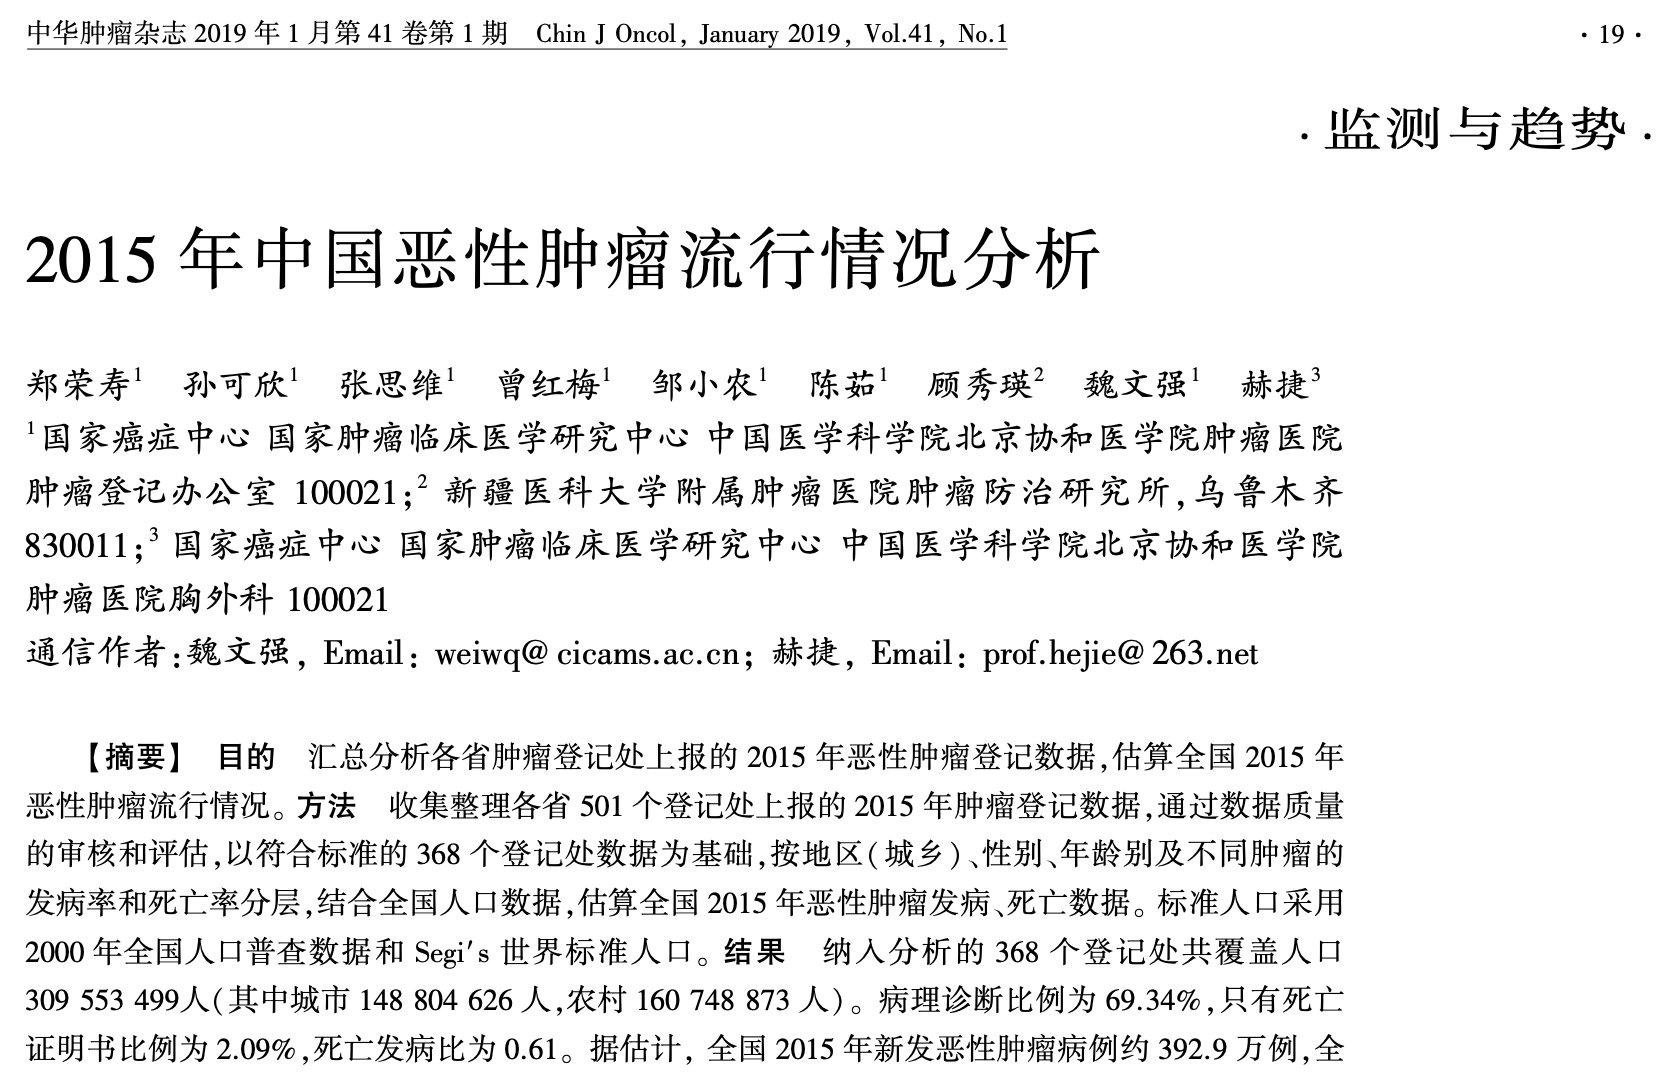 ◎ 2015 年中国恶性肿瘤流行情况分析